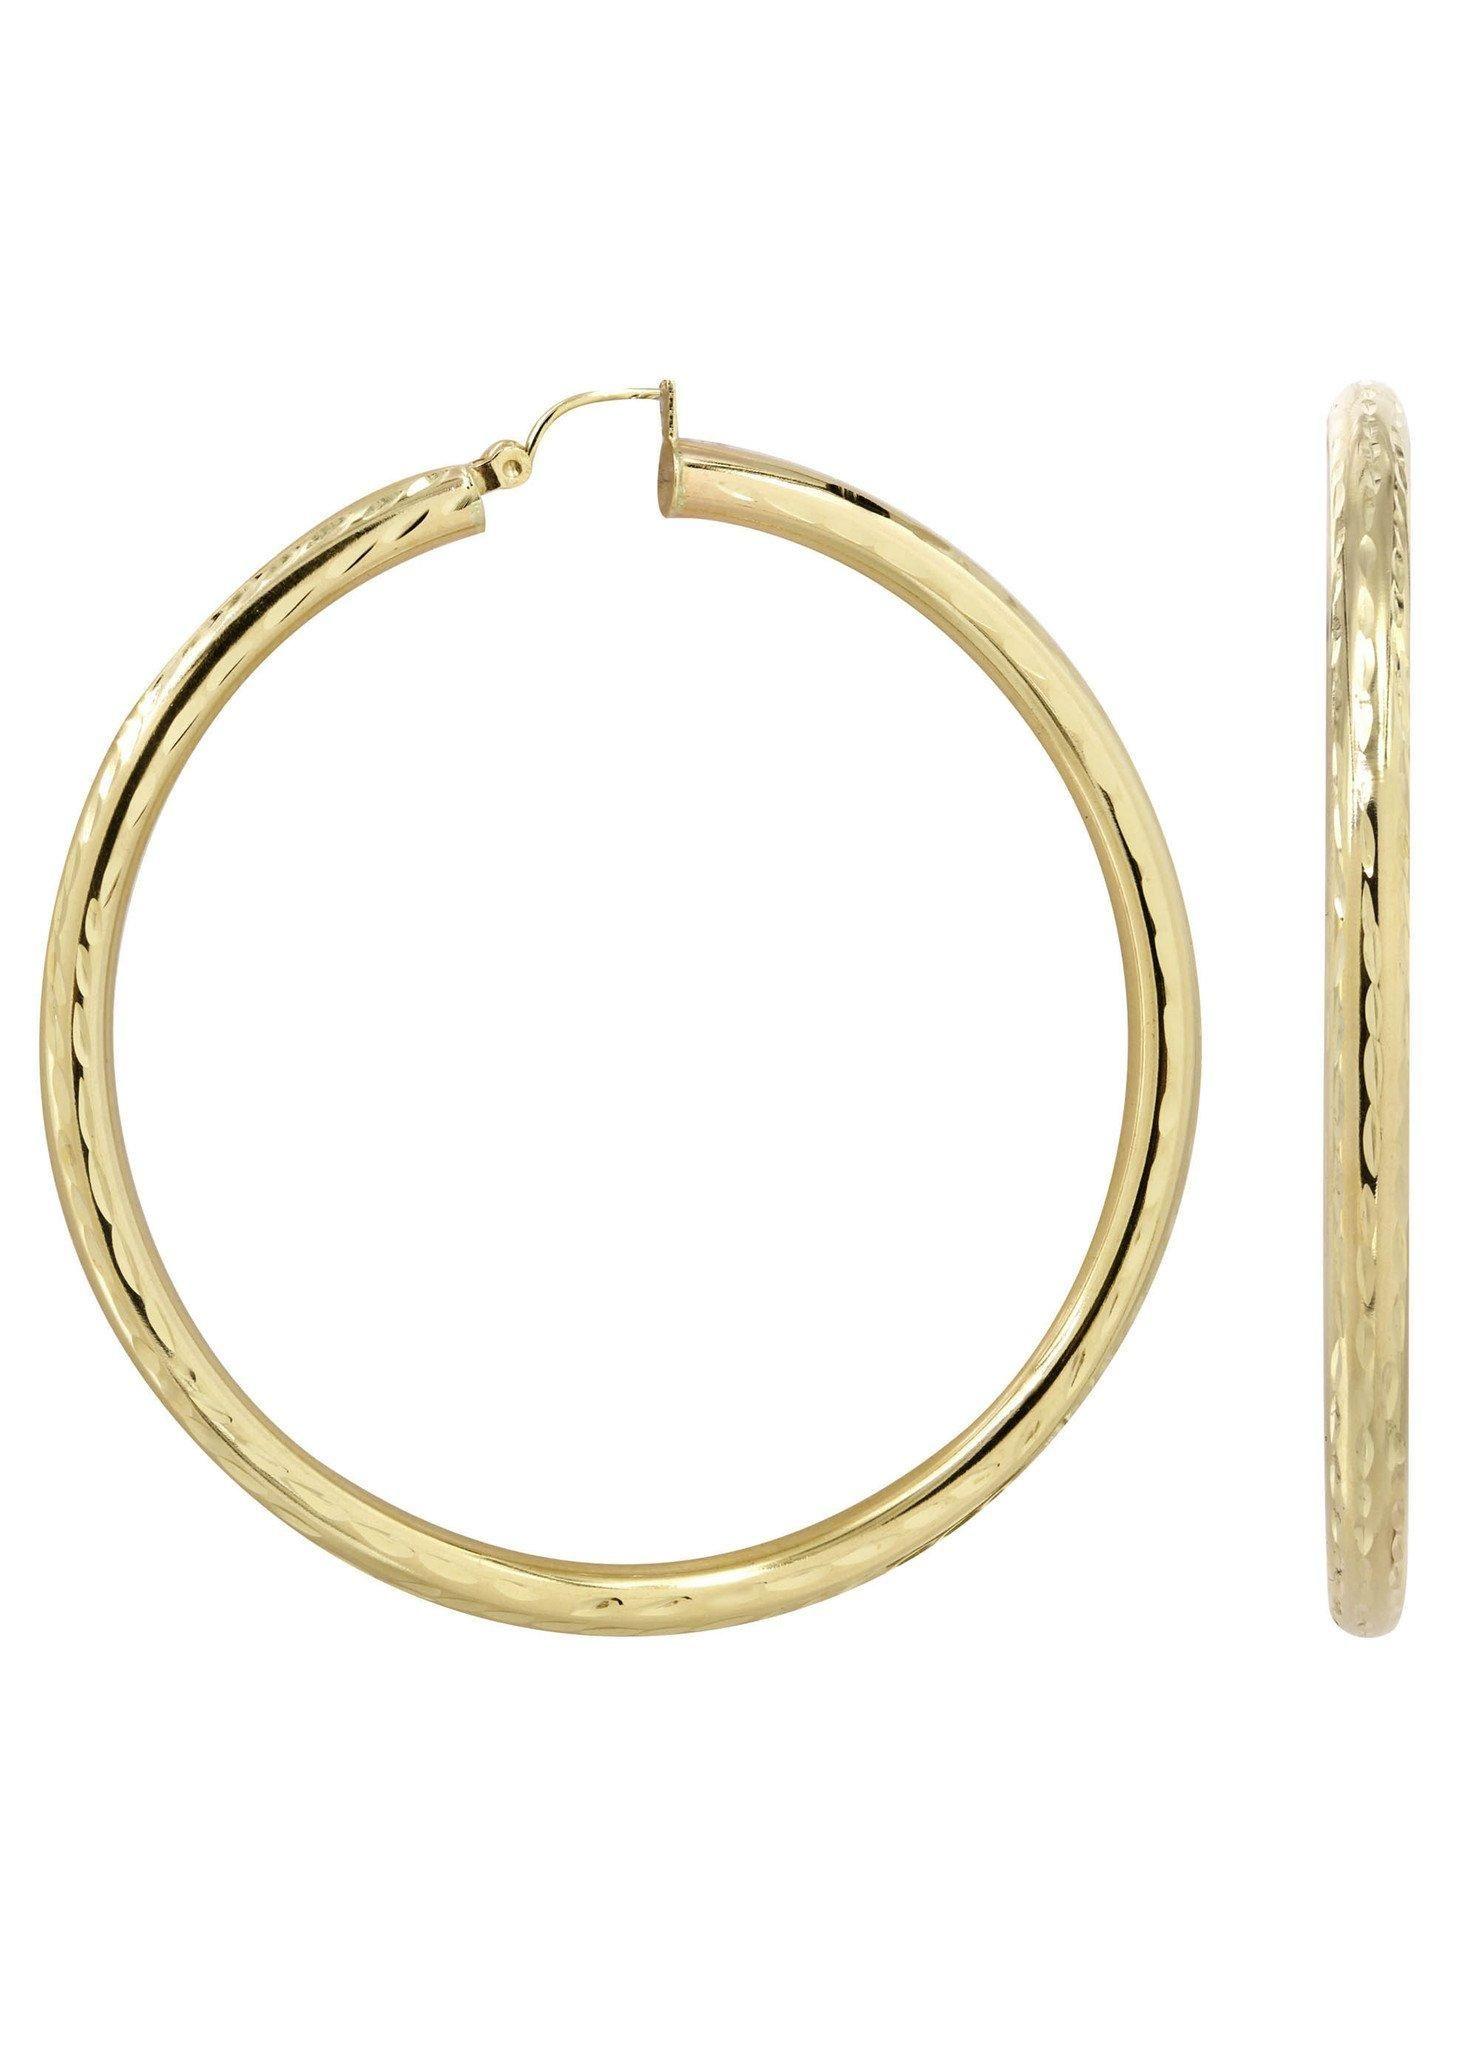 Frostnyc frostnyc k gold diamond cut hoop earrings